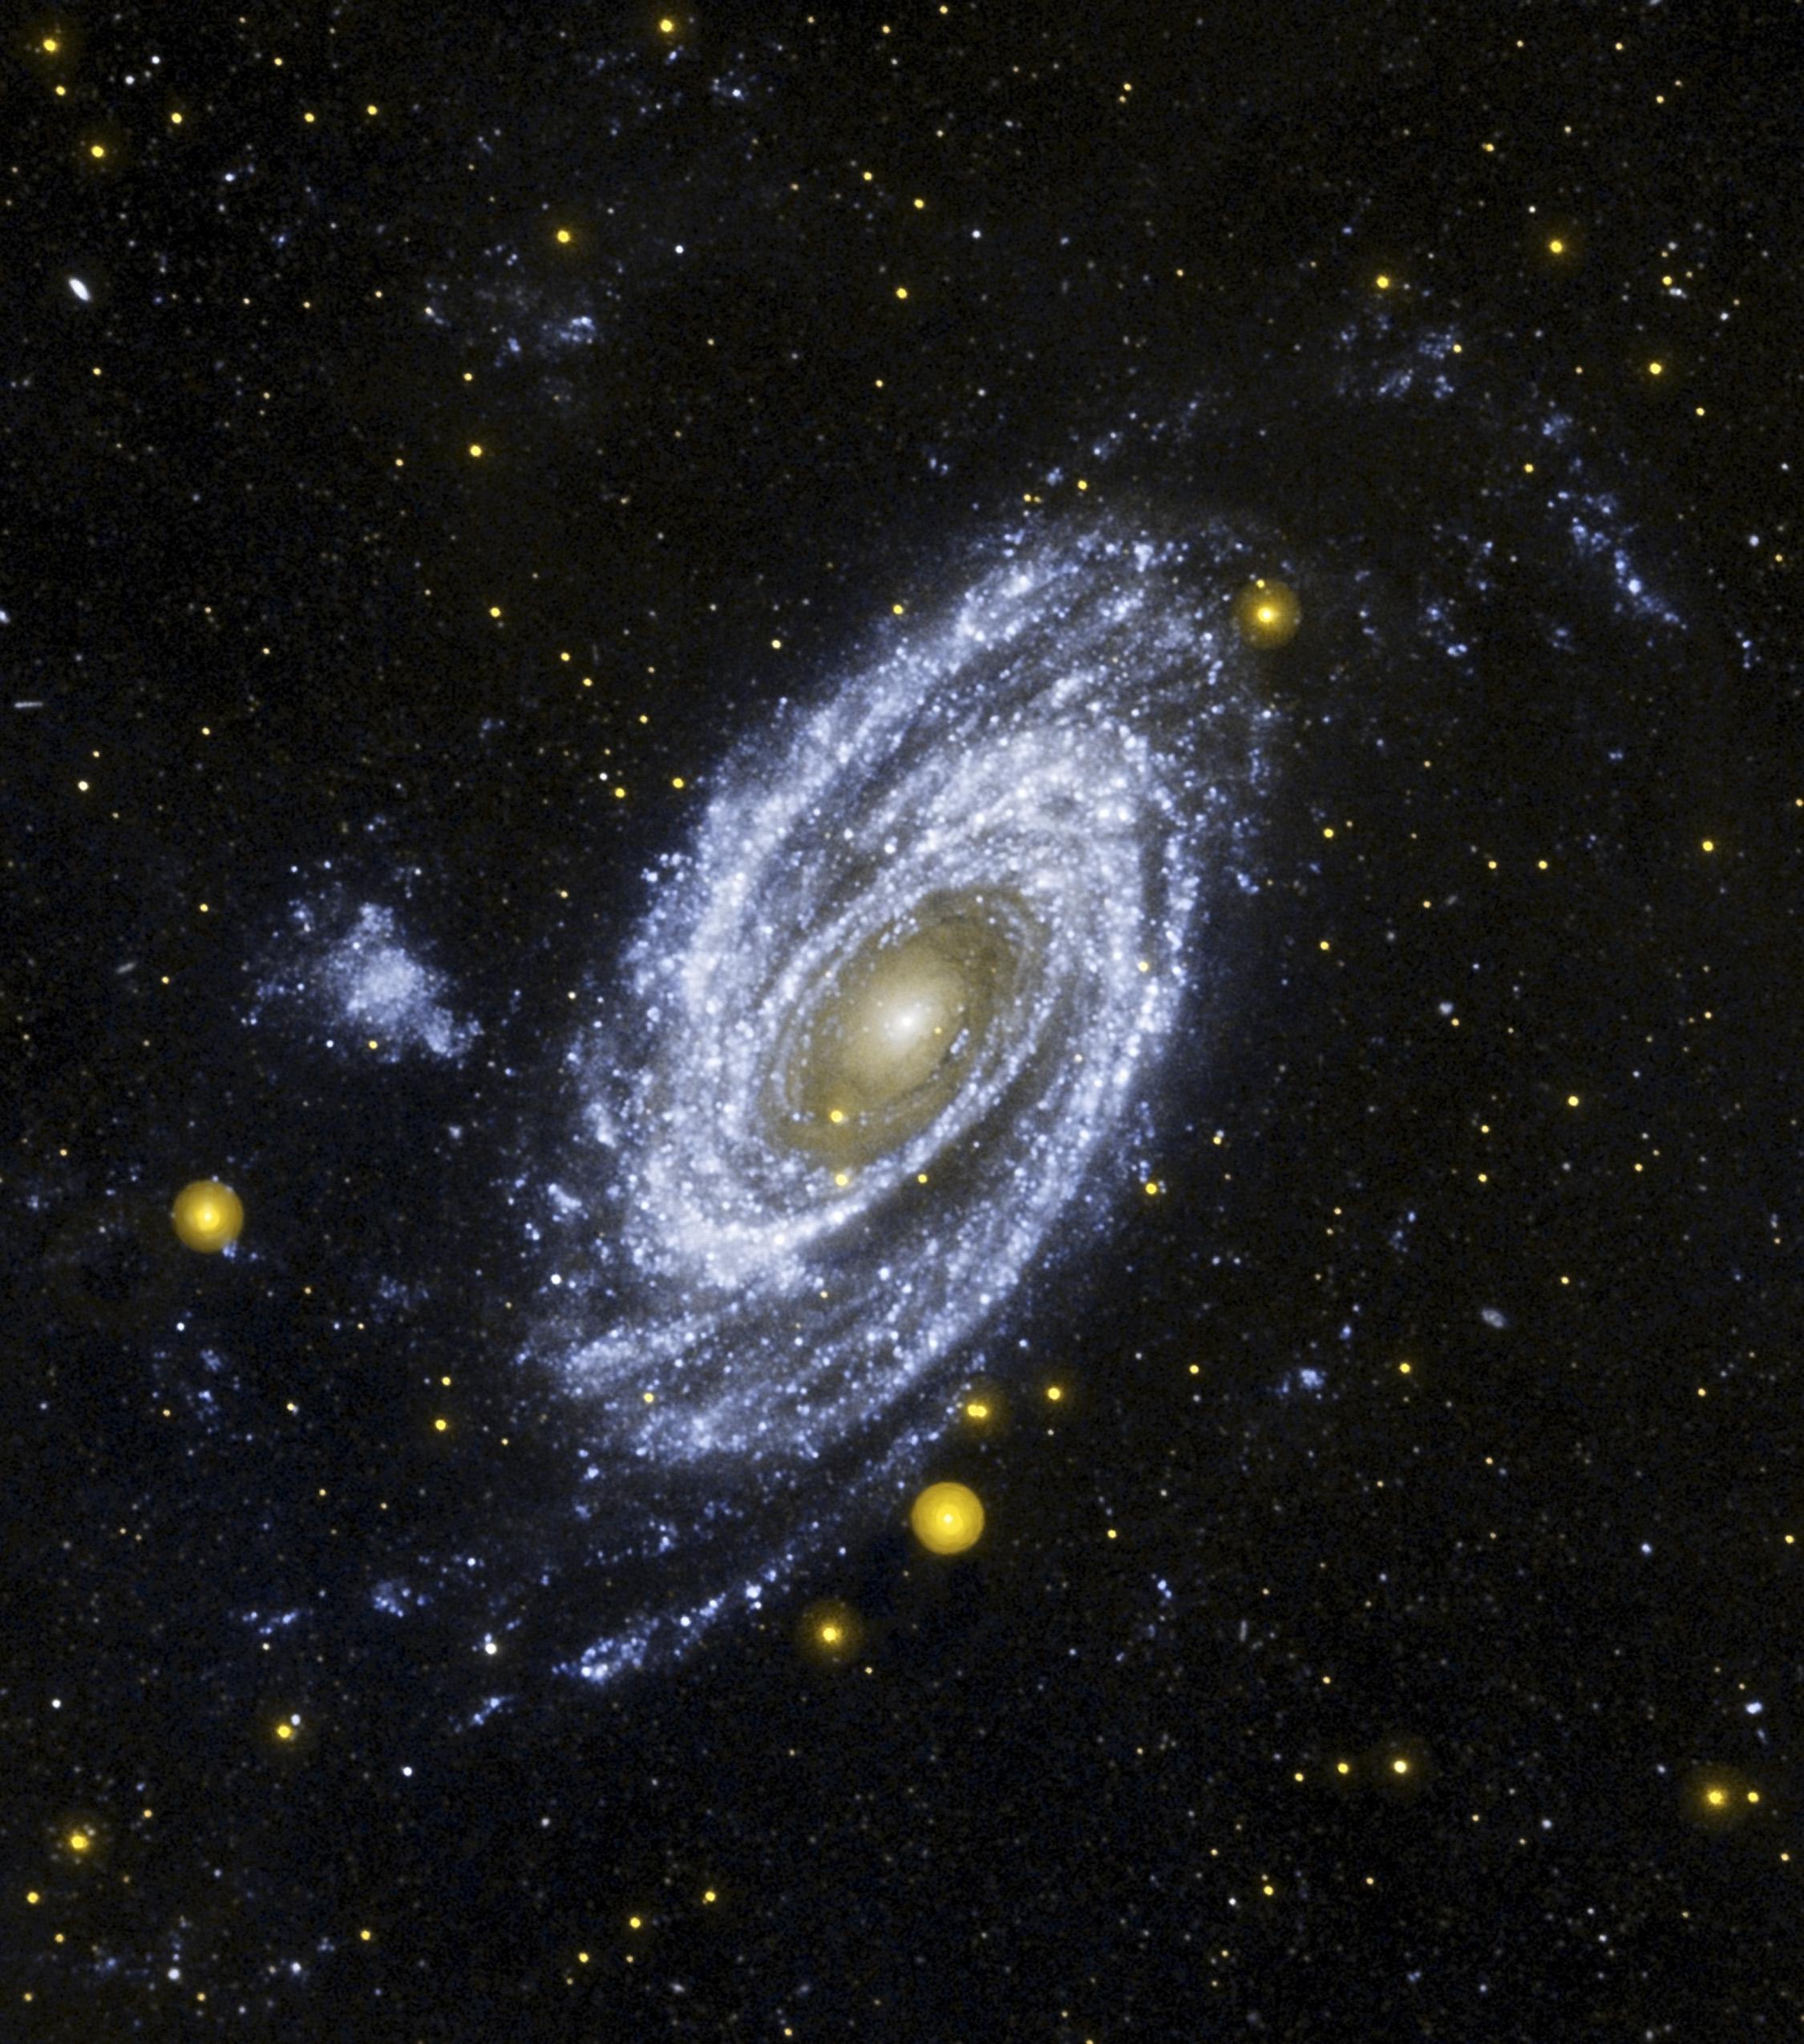 NASA: Spiral galaxy